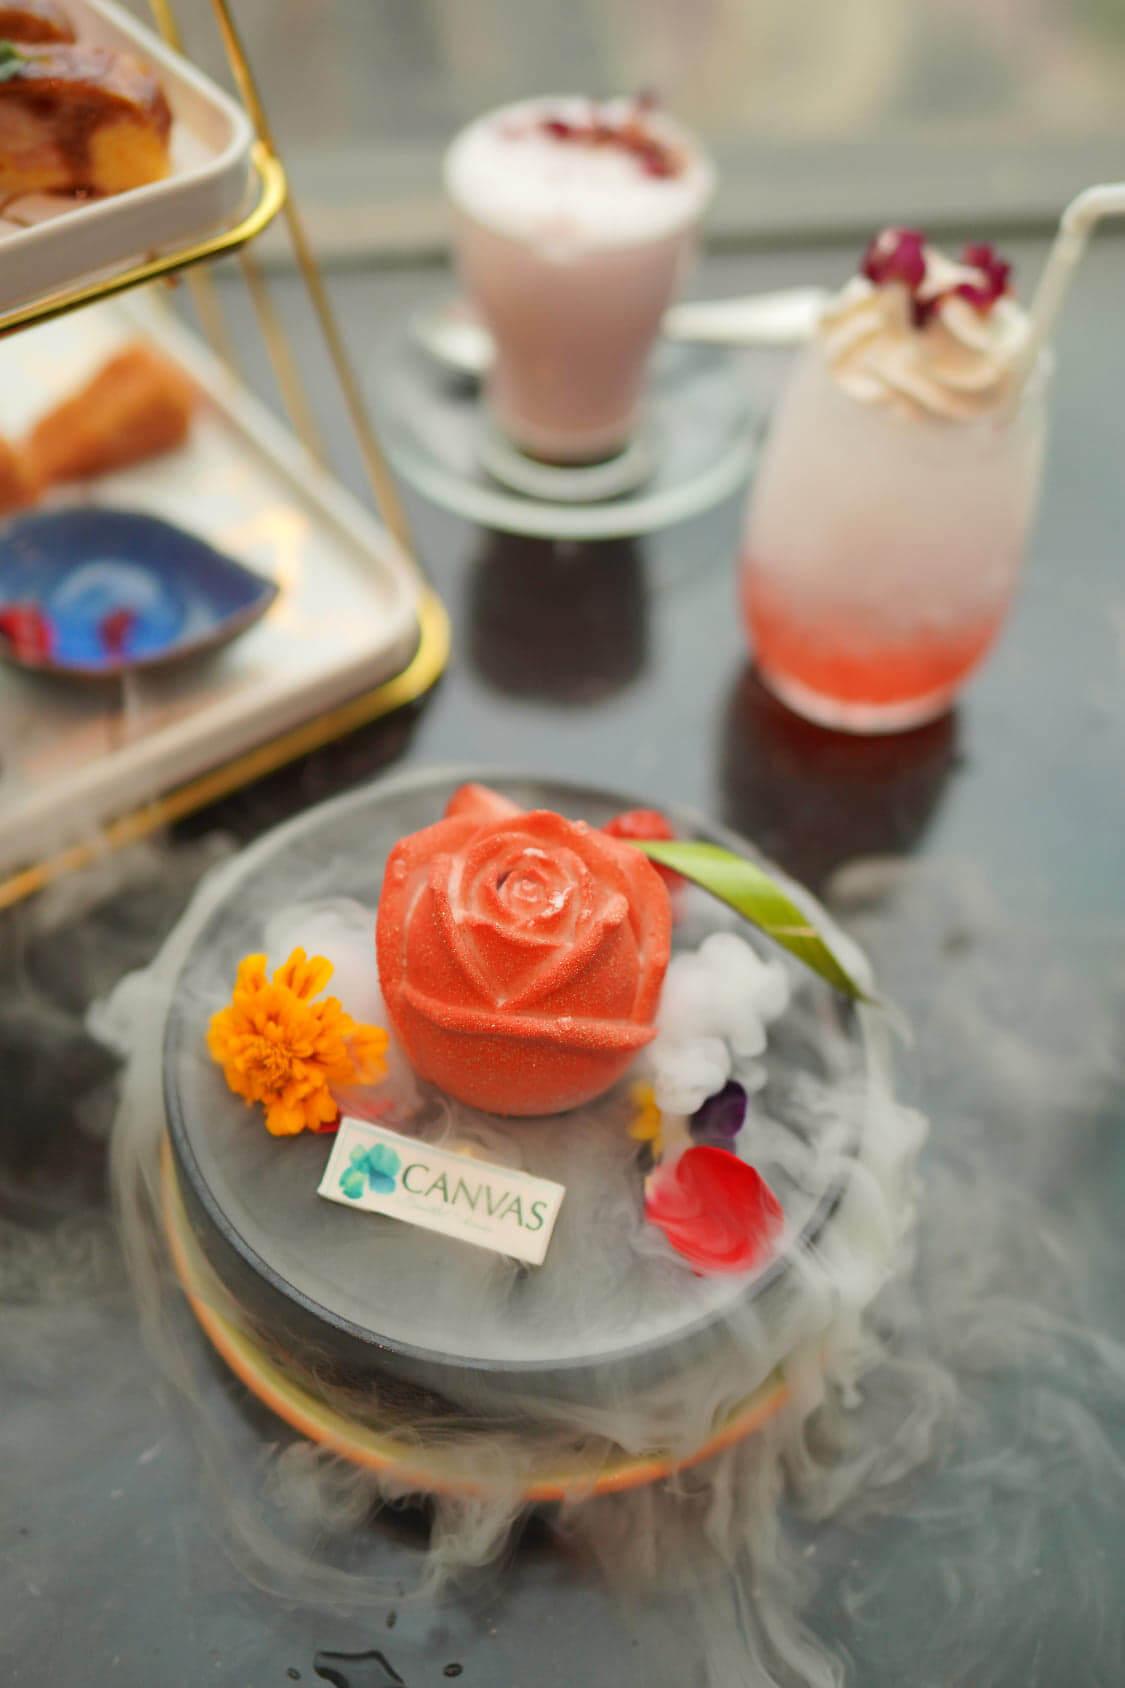 紅桑子荔枝玫瑰慕絲蛋糕,單係造型已成功取悅人心!